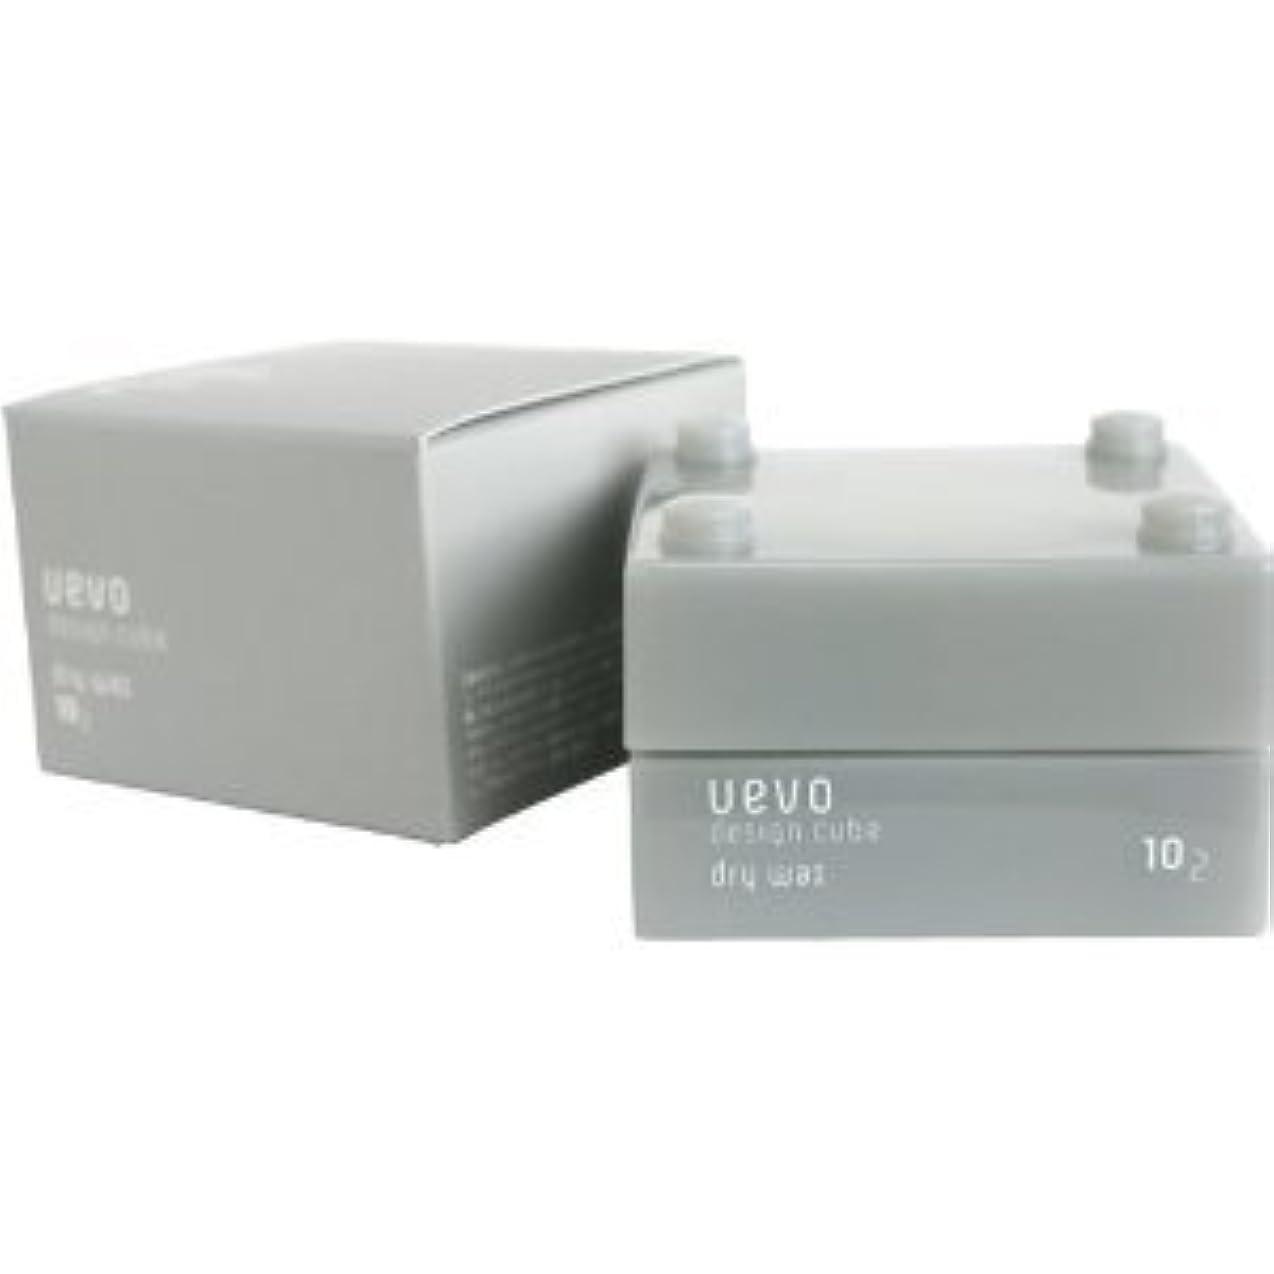 以内に私達蛾【X3個セット】 デミ ウェーボ デザインキューブ ドライワックス 30g dry wax DEMI uevo design cube